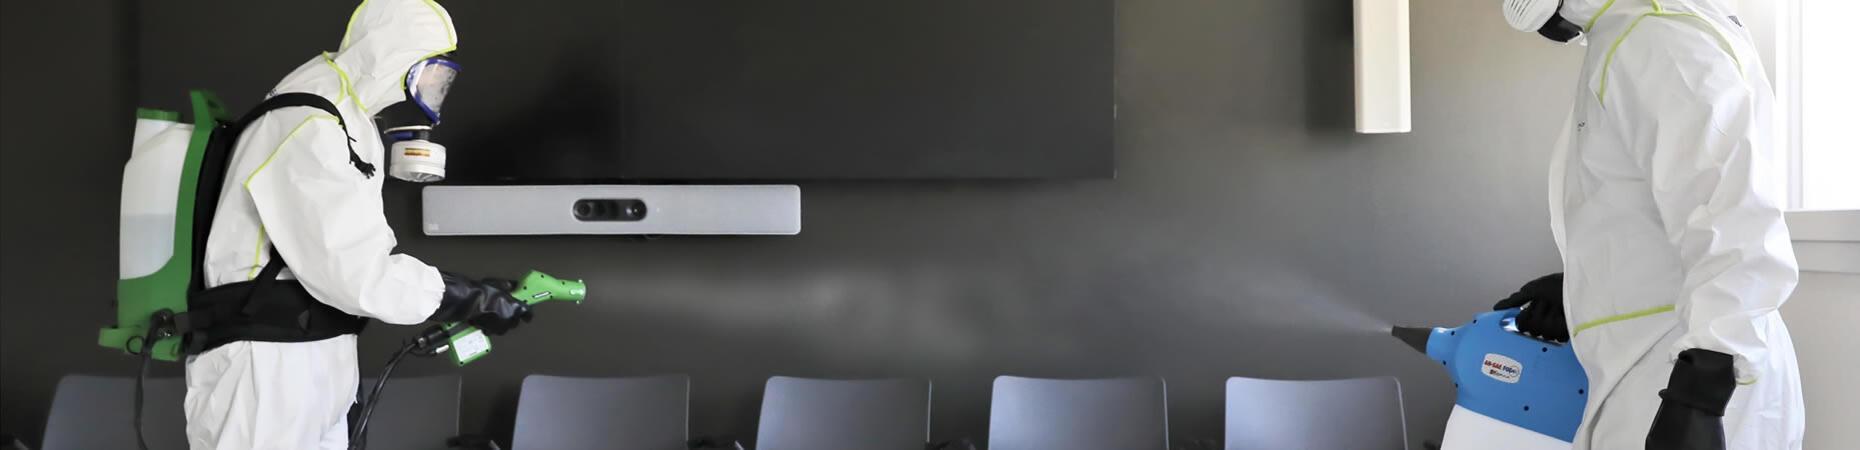 ecoservice-cesena it sanificazione-aziende-cesena 005